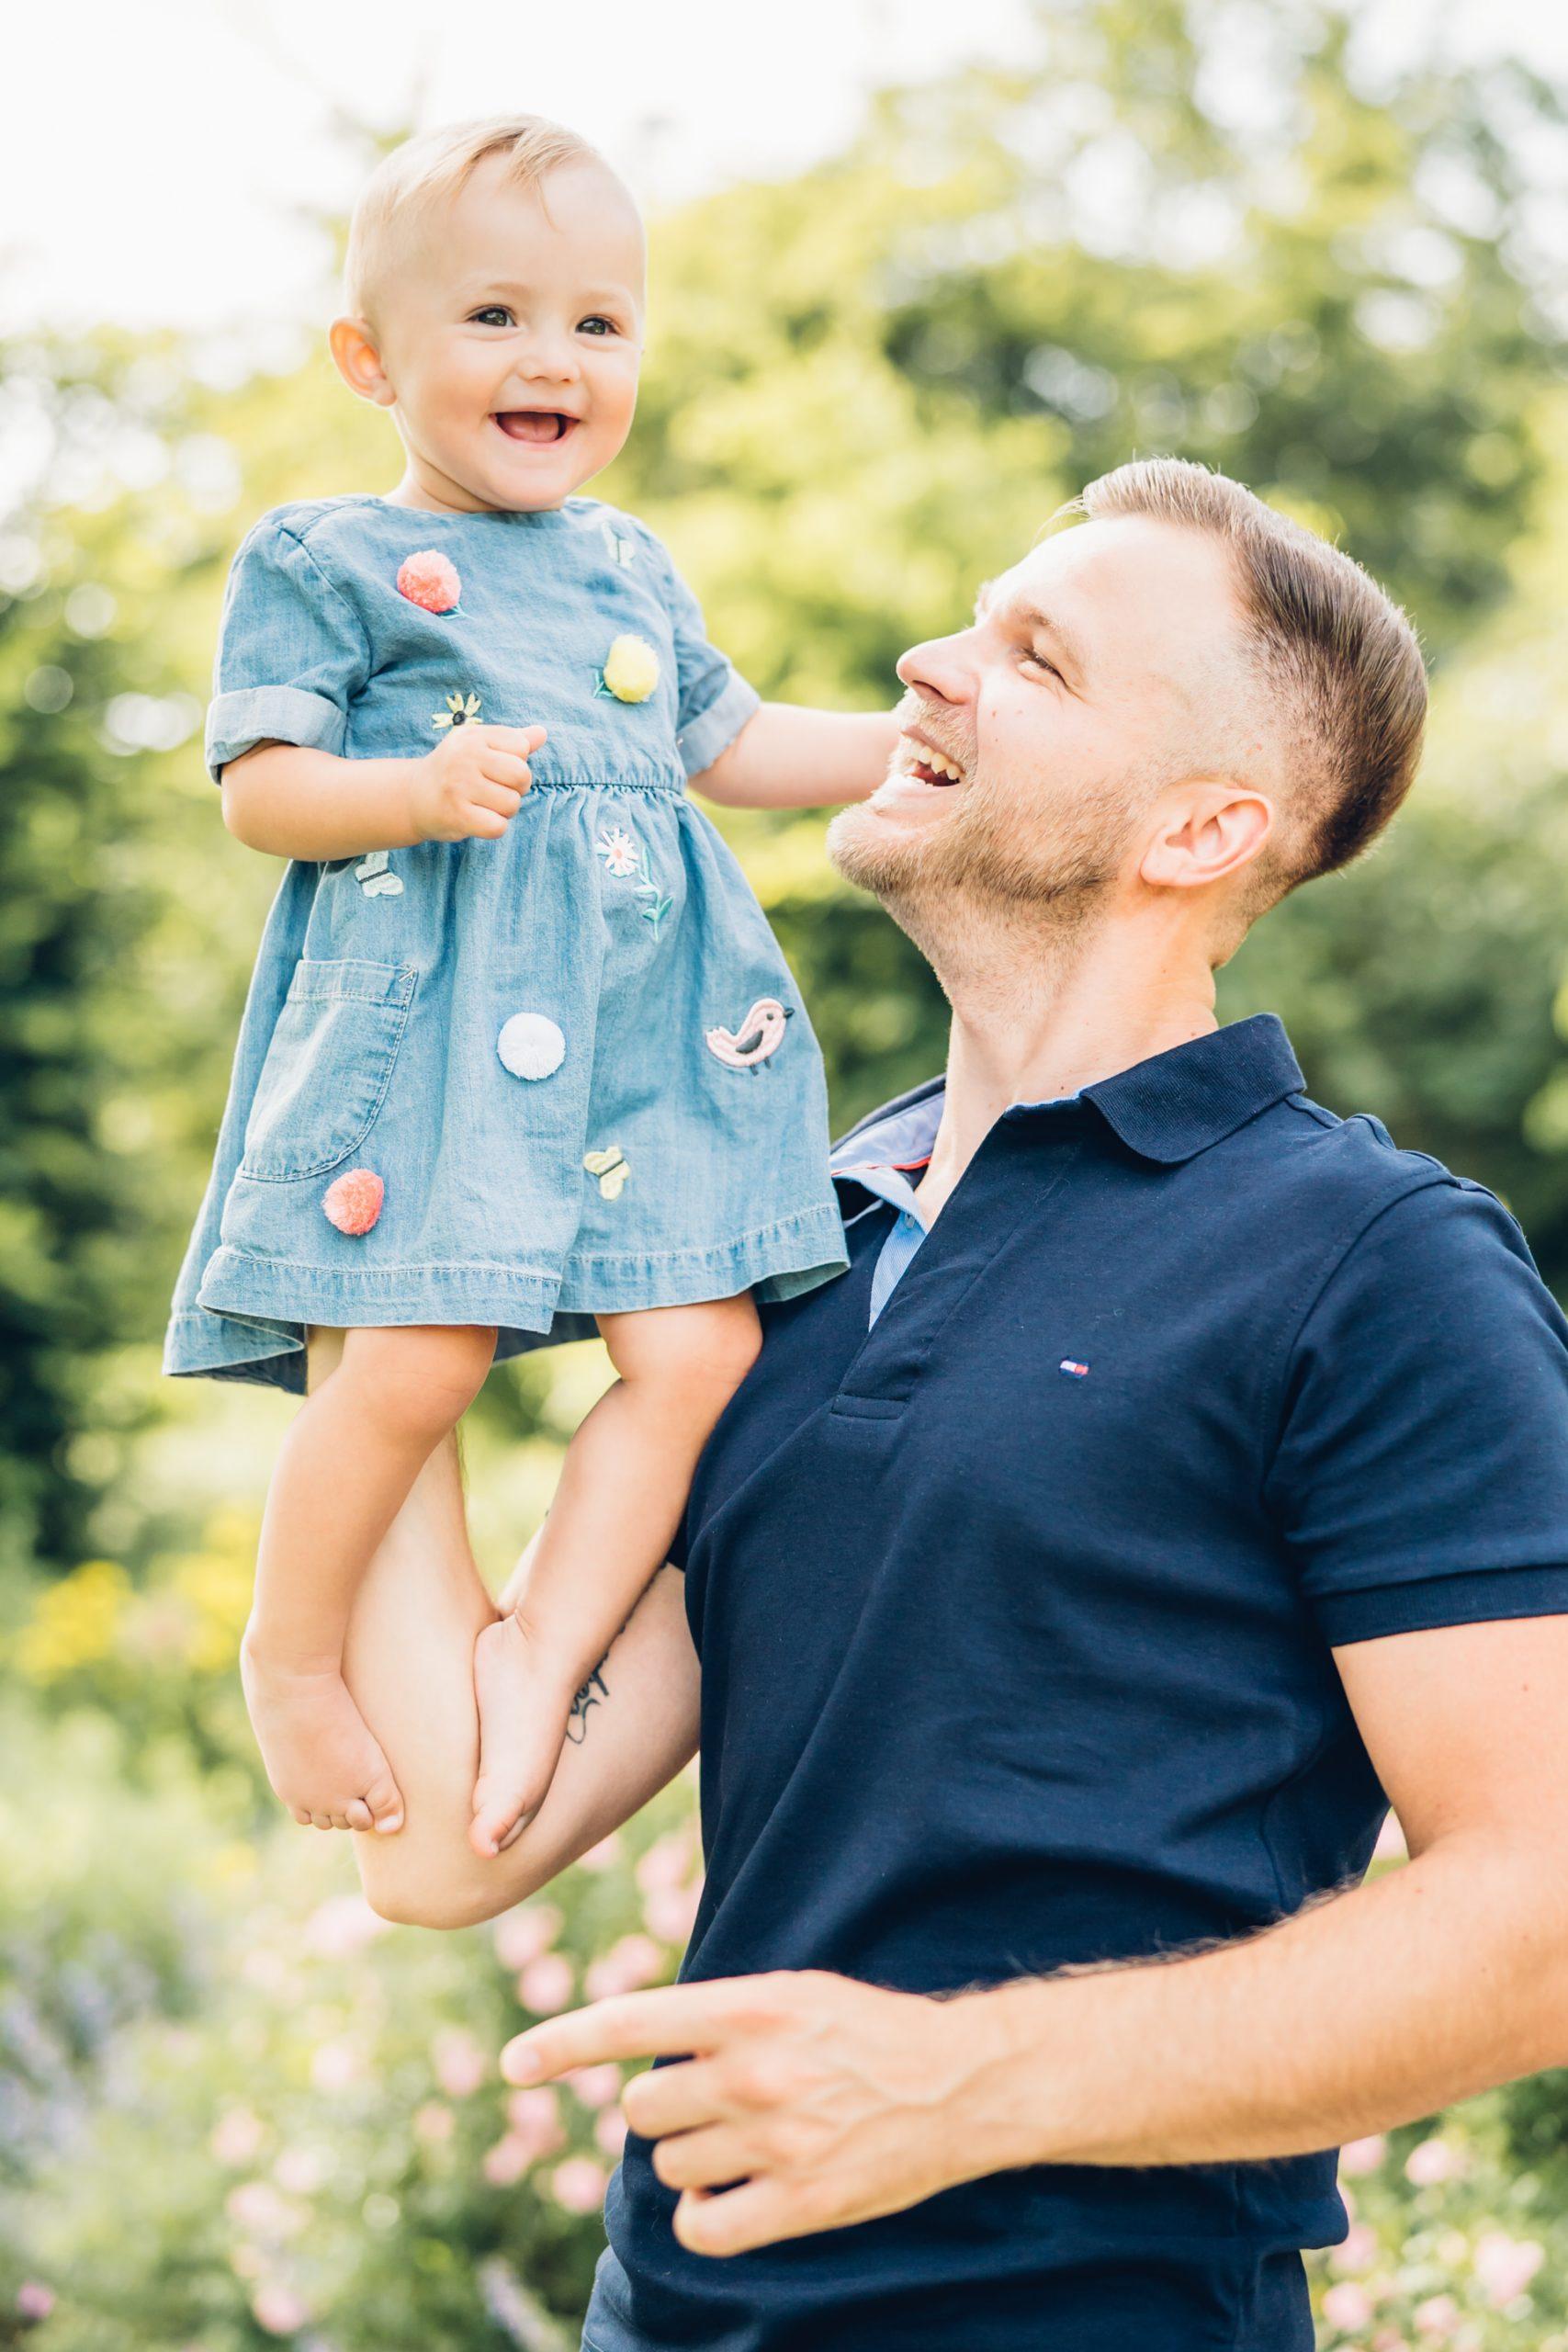 Familienfotoshooting zum ersten Geburtstag Fotograf Mainz